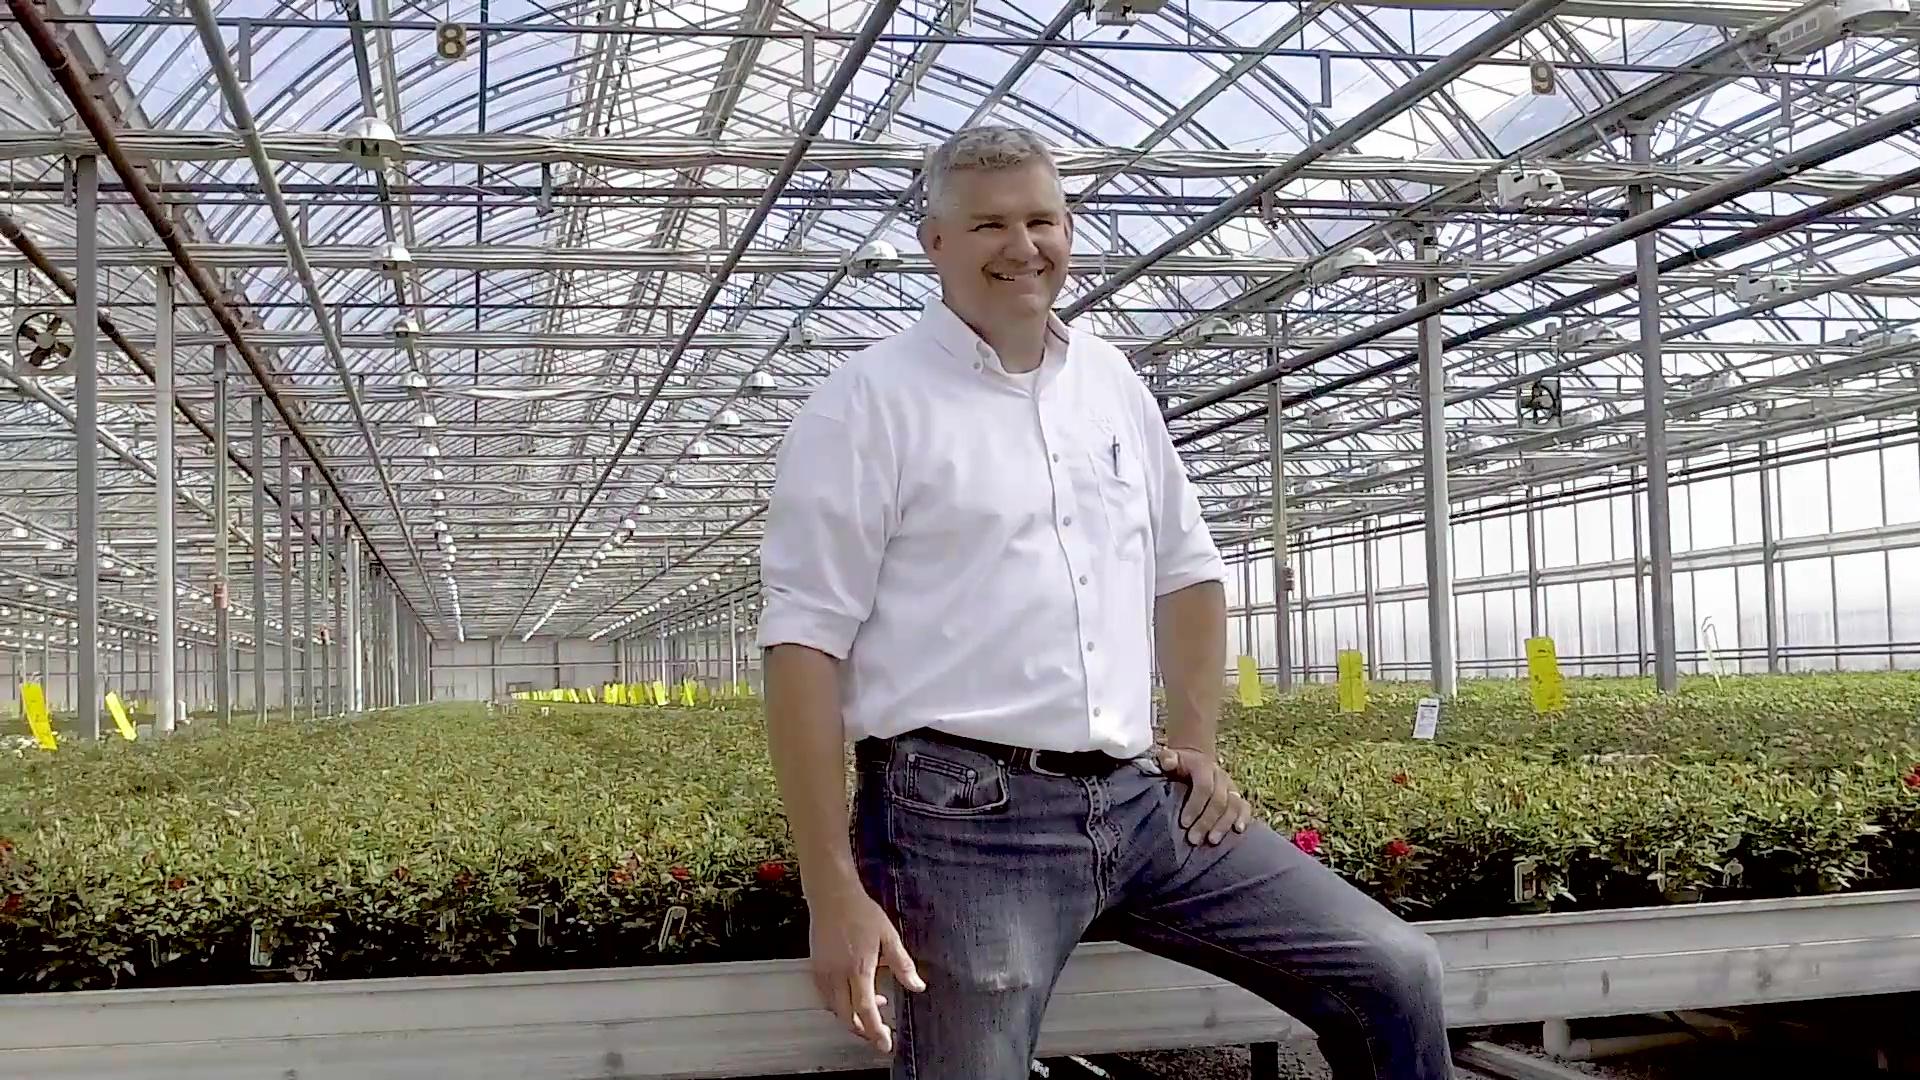 Ed Vermolen – Aldershot Greenhouses Ltd